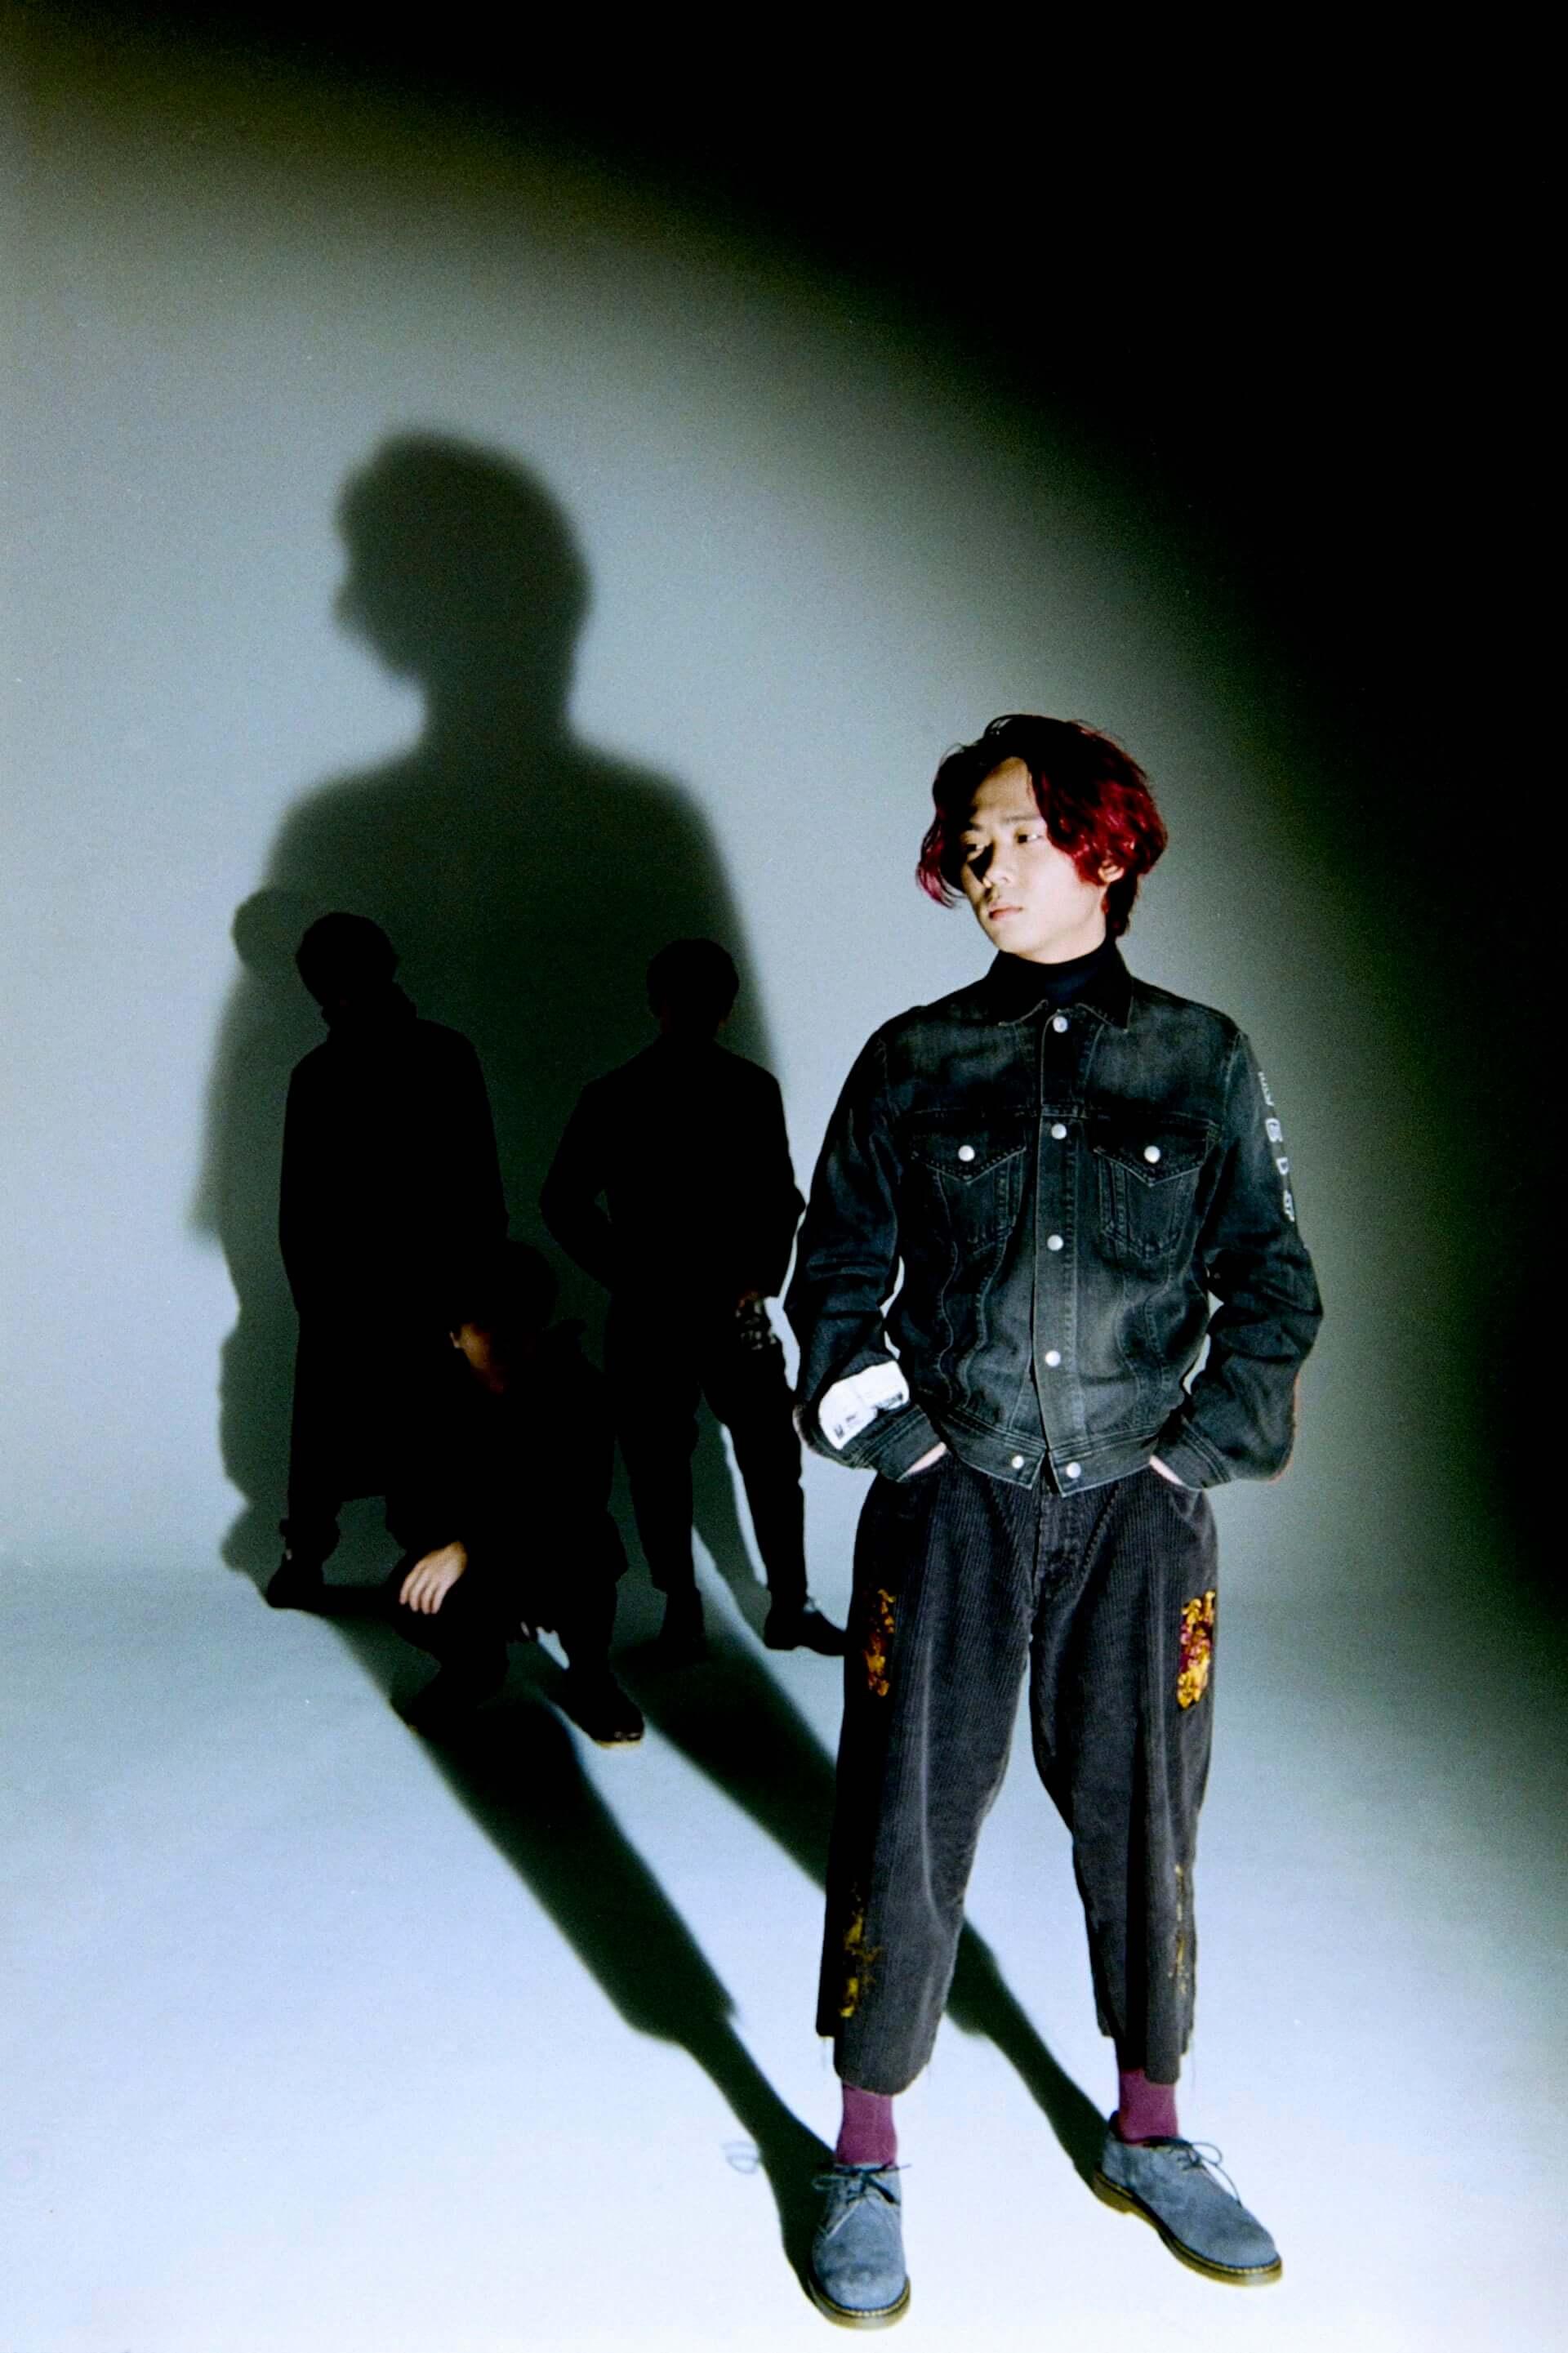 オカモトレイジがキュレーションするハロウィンイベント<YAGI Halloween>が渋谷Contactにて開催決定!JUBEE、GUCCIMAZE、Licaxxxらが出演 music201026_yagi-halloween_6-1920x2881